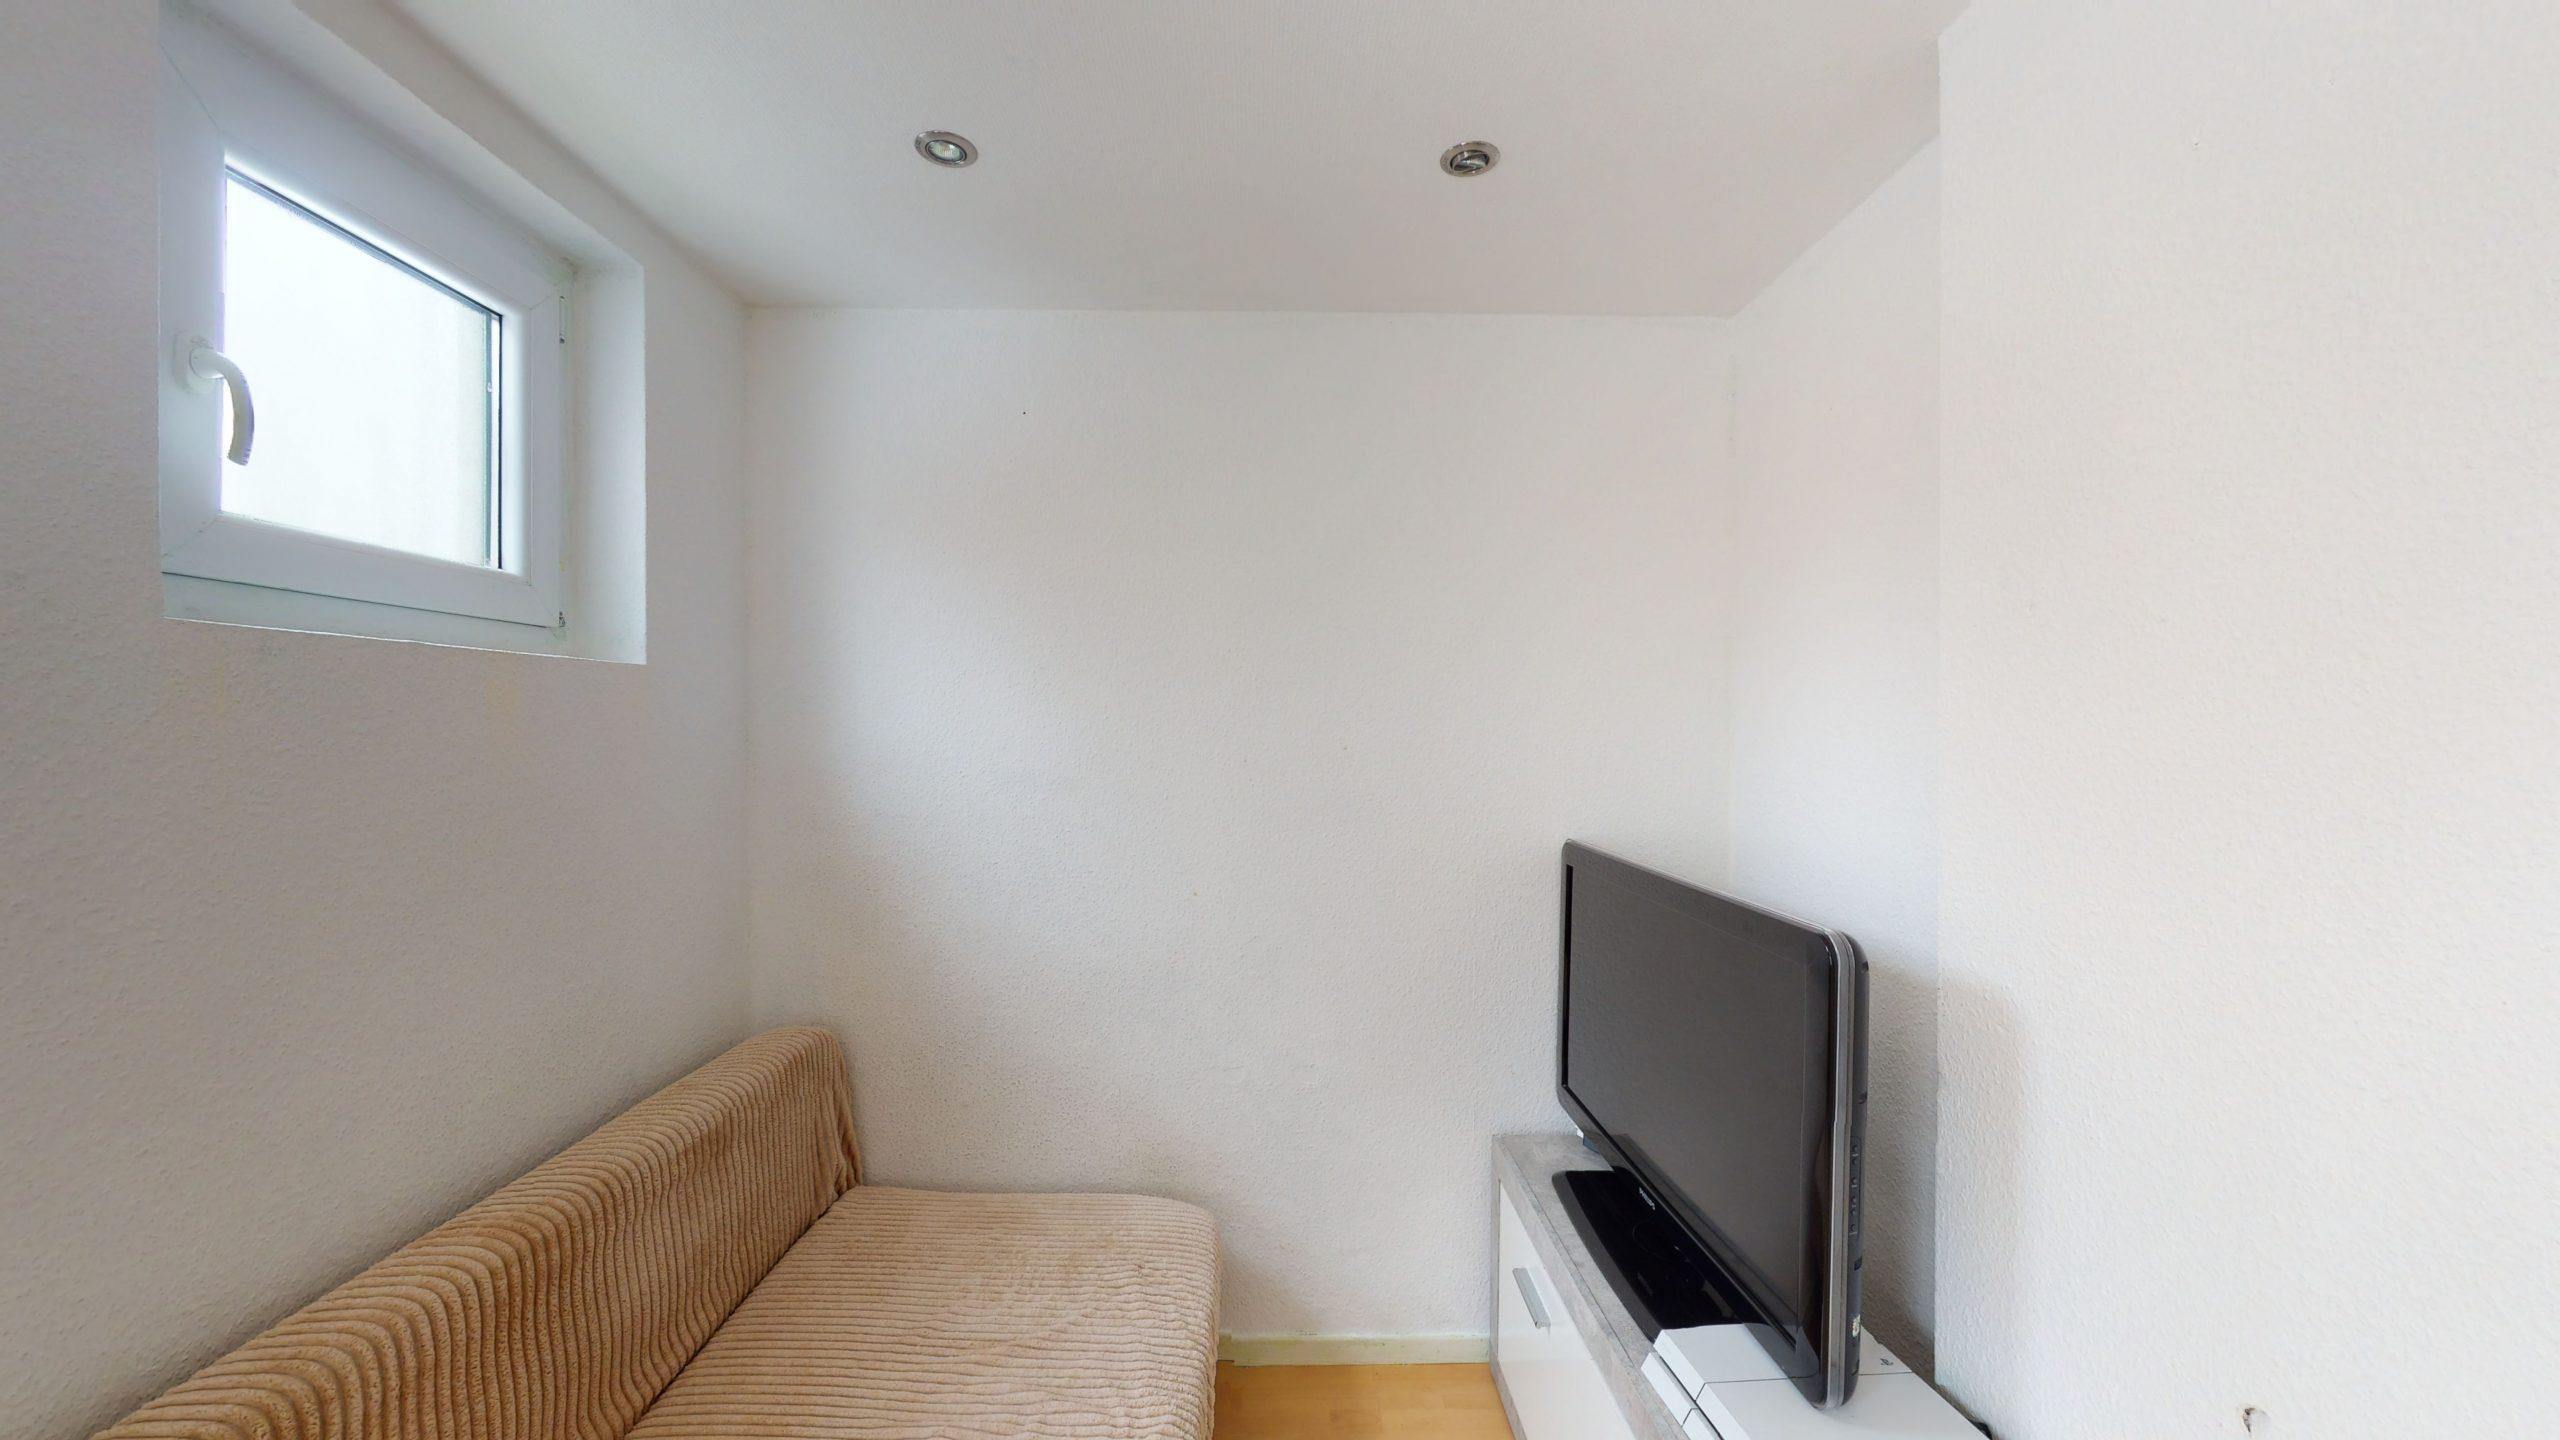 Schone-4-Zimmer-Wohnung-mit-2-Balkonen-und-viel-Platz-in-Altbach-02162021_100031